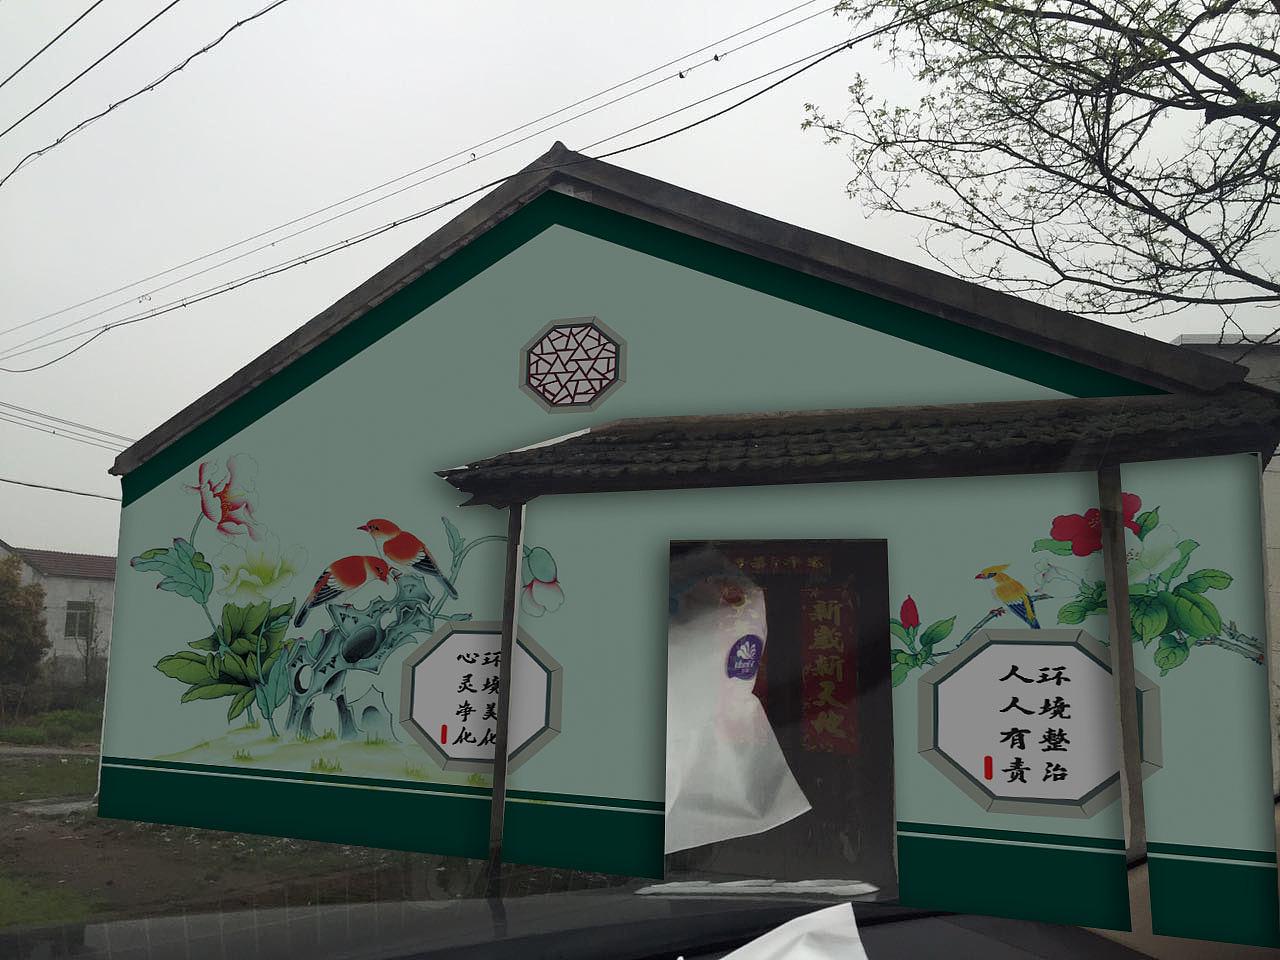 南昌古建彩绘,南昌幼儿园手绘墙画,南昌幼儿园手绘墙